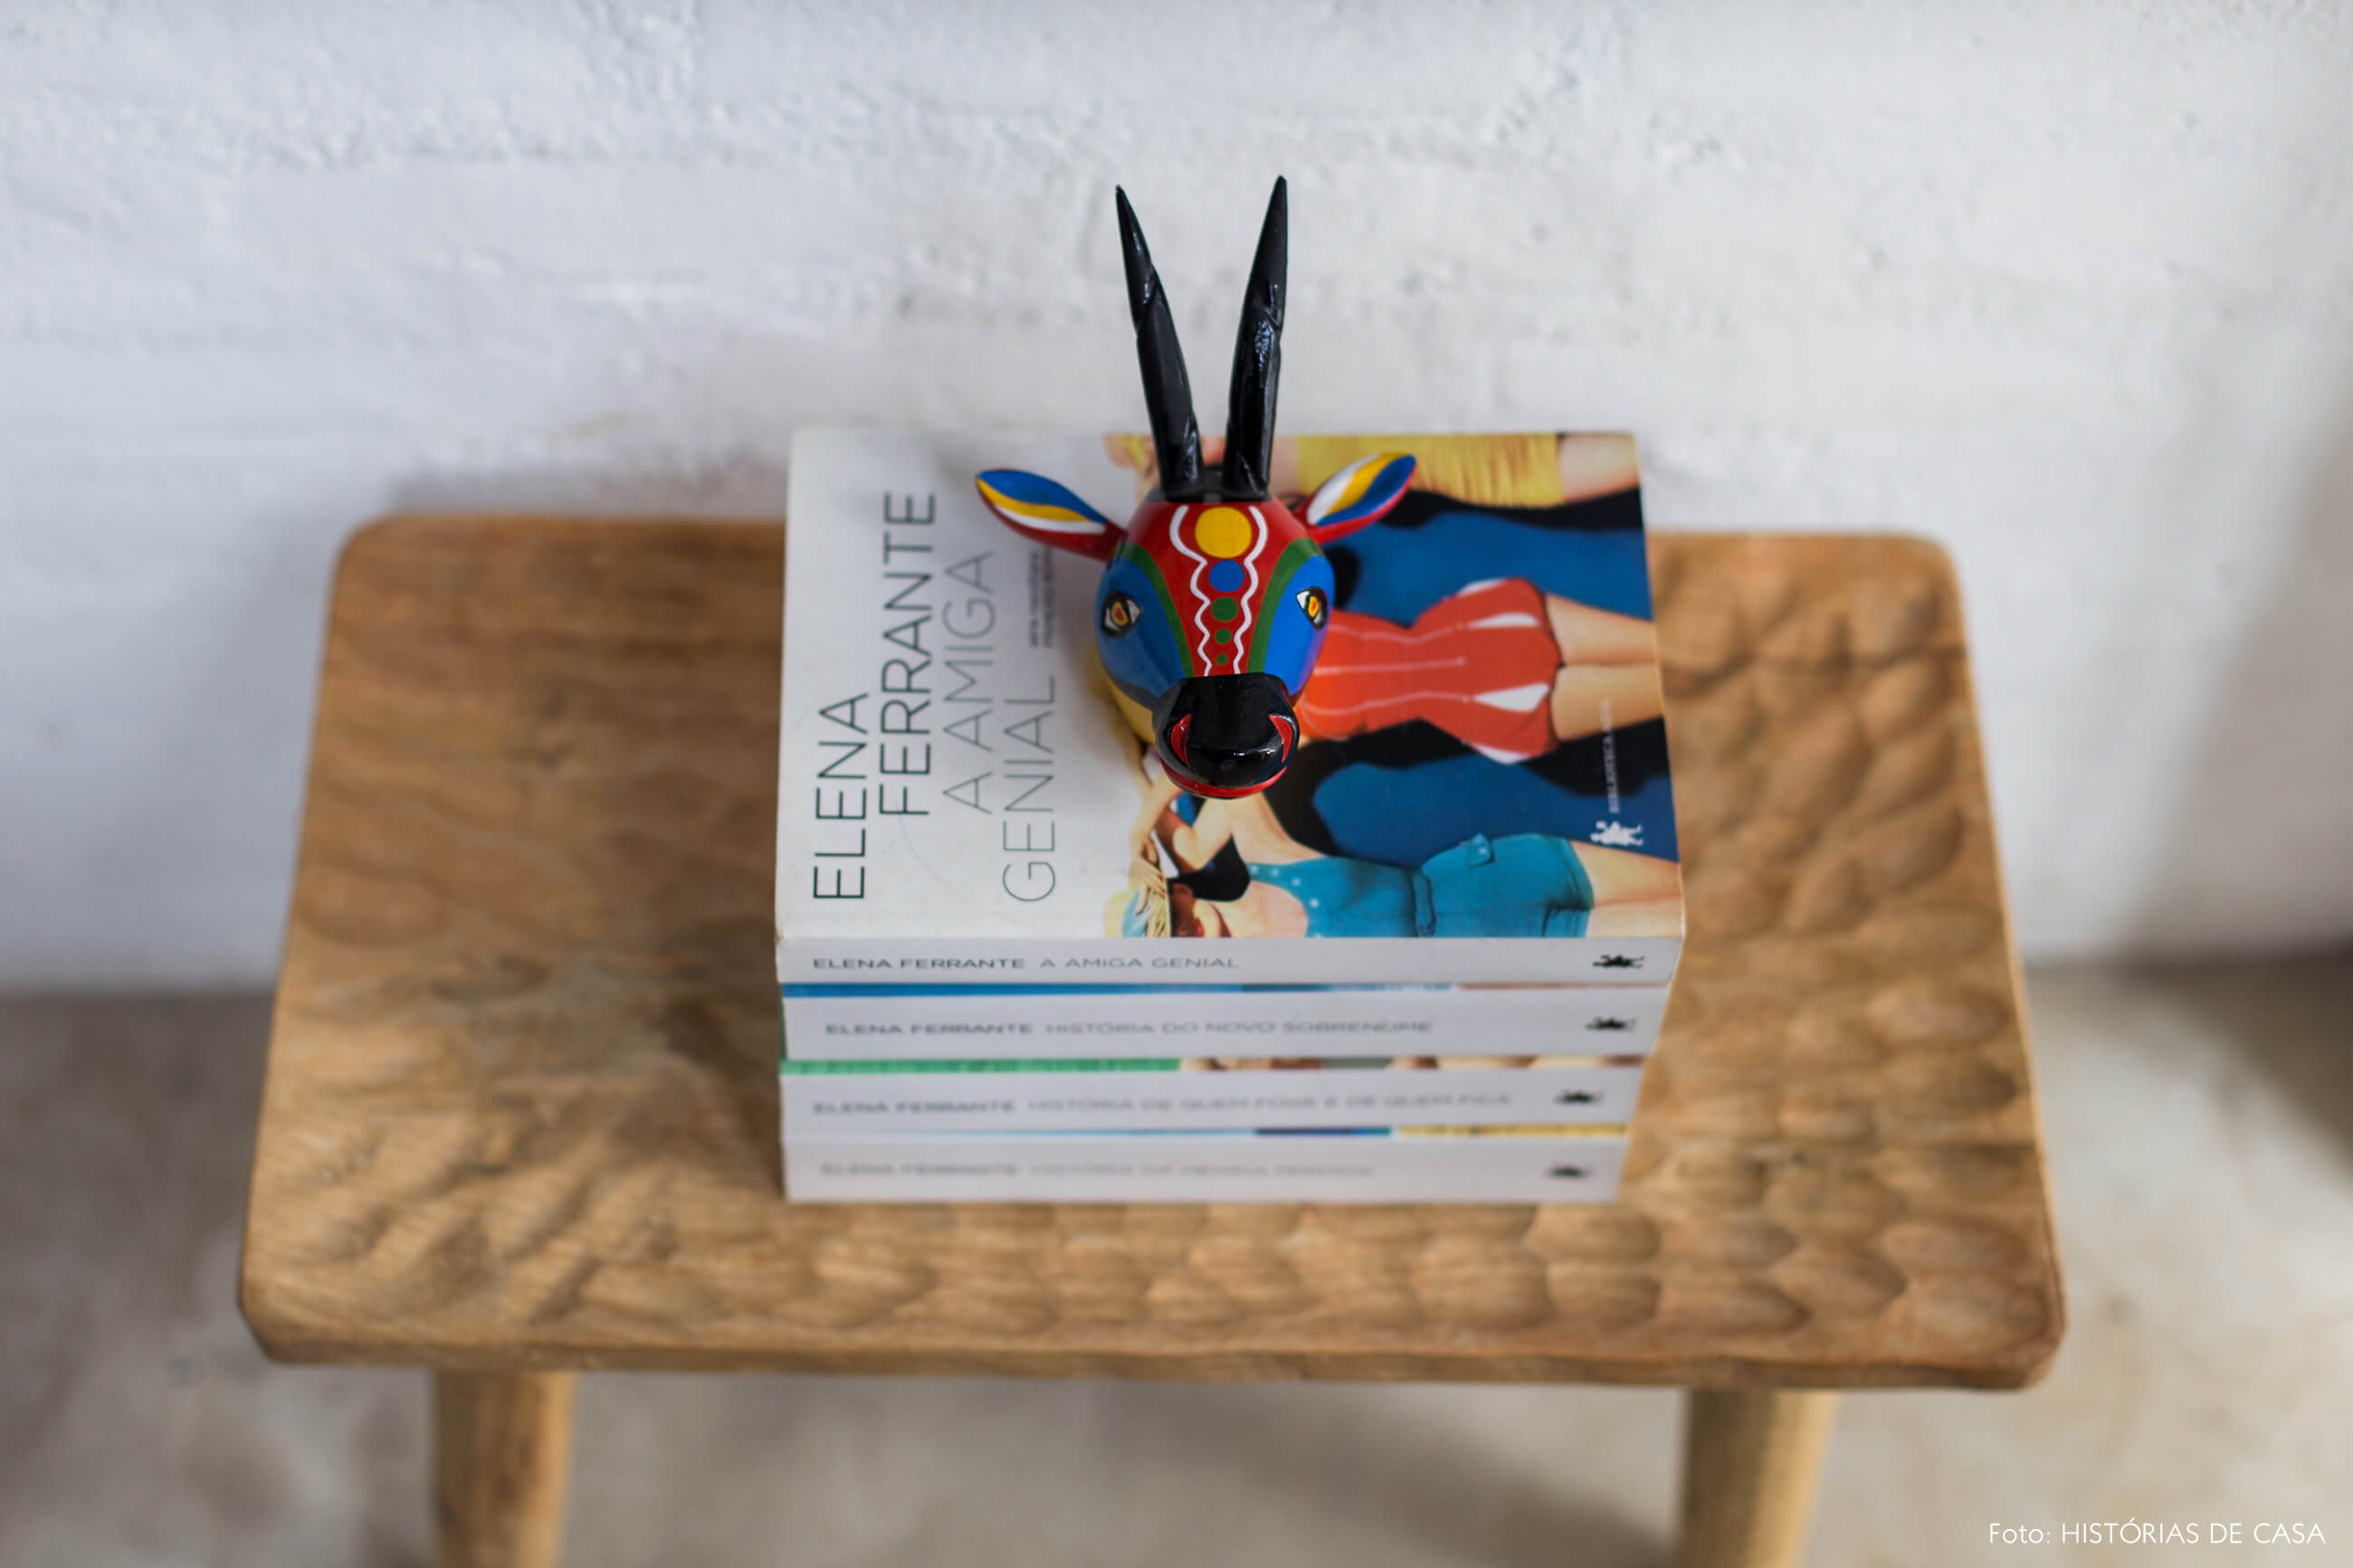 Banquinho de madeira rústico com livros